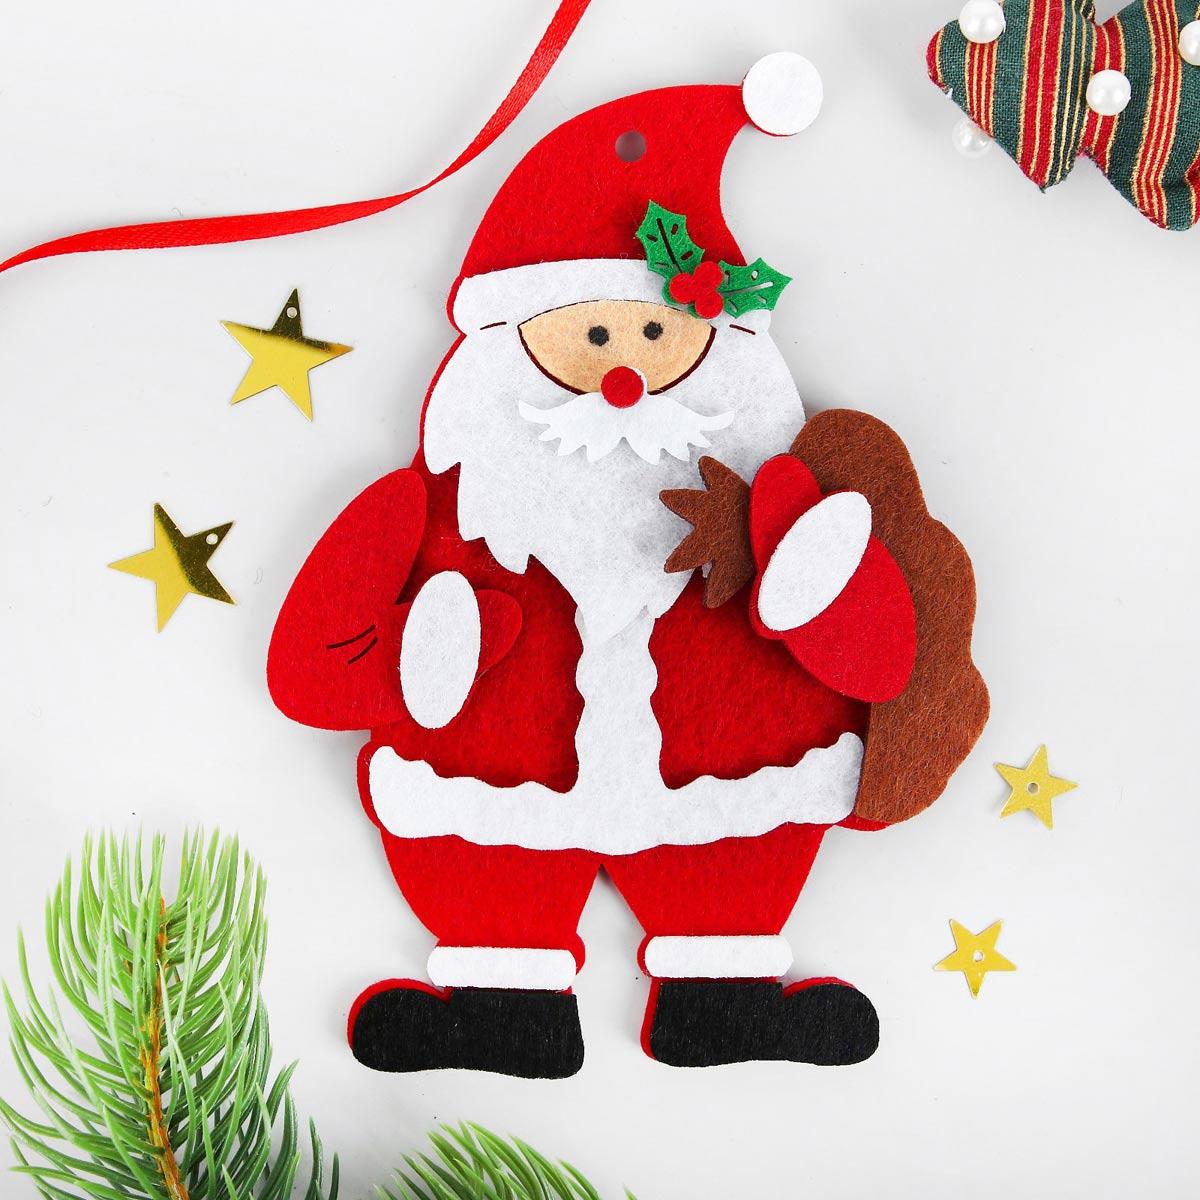 3555003 Набор для творчества - создай елочное украшение из фетра 'Дед мороз с мешком подарков'